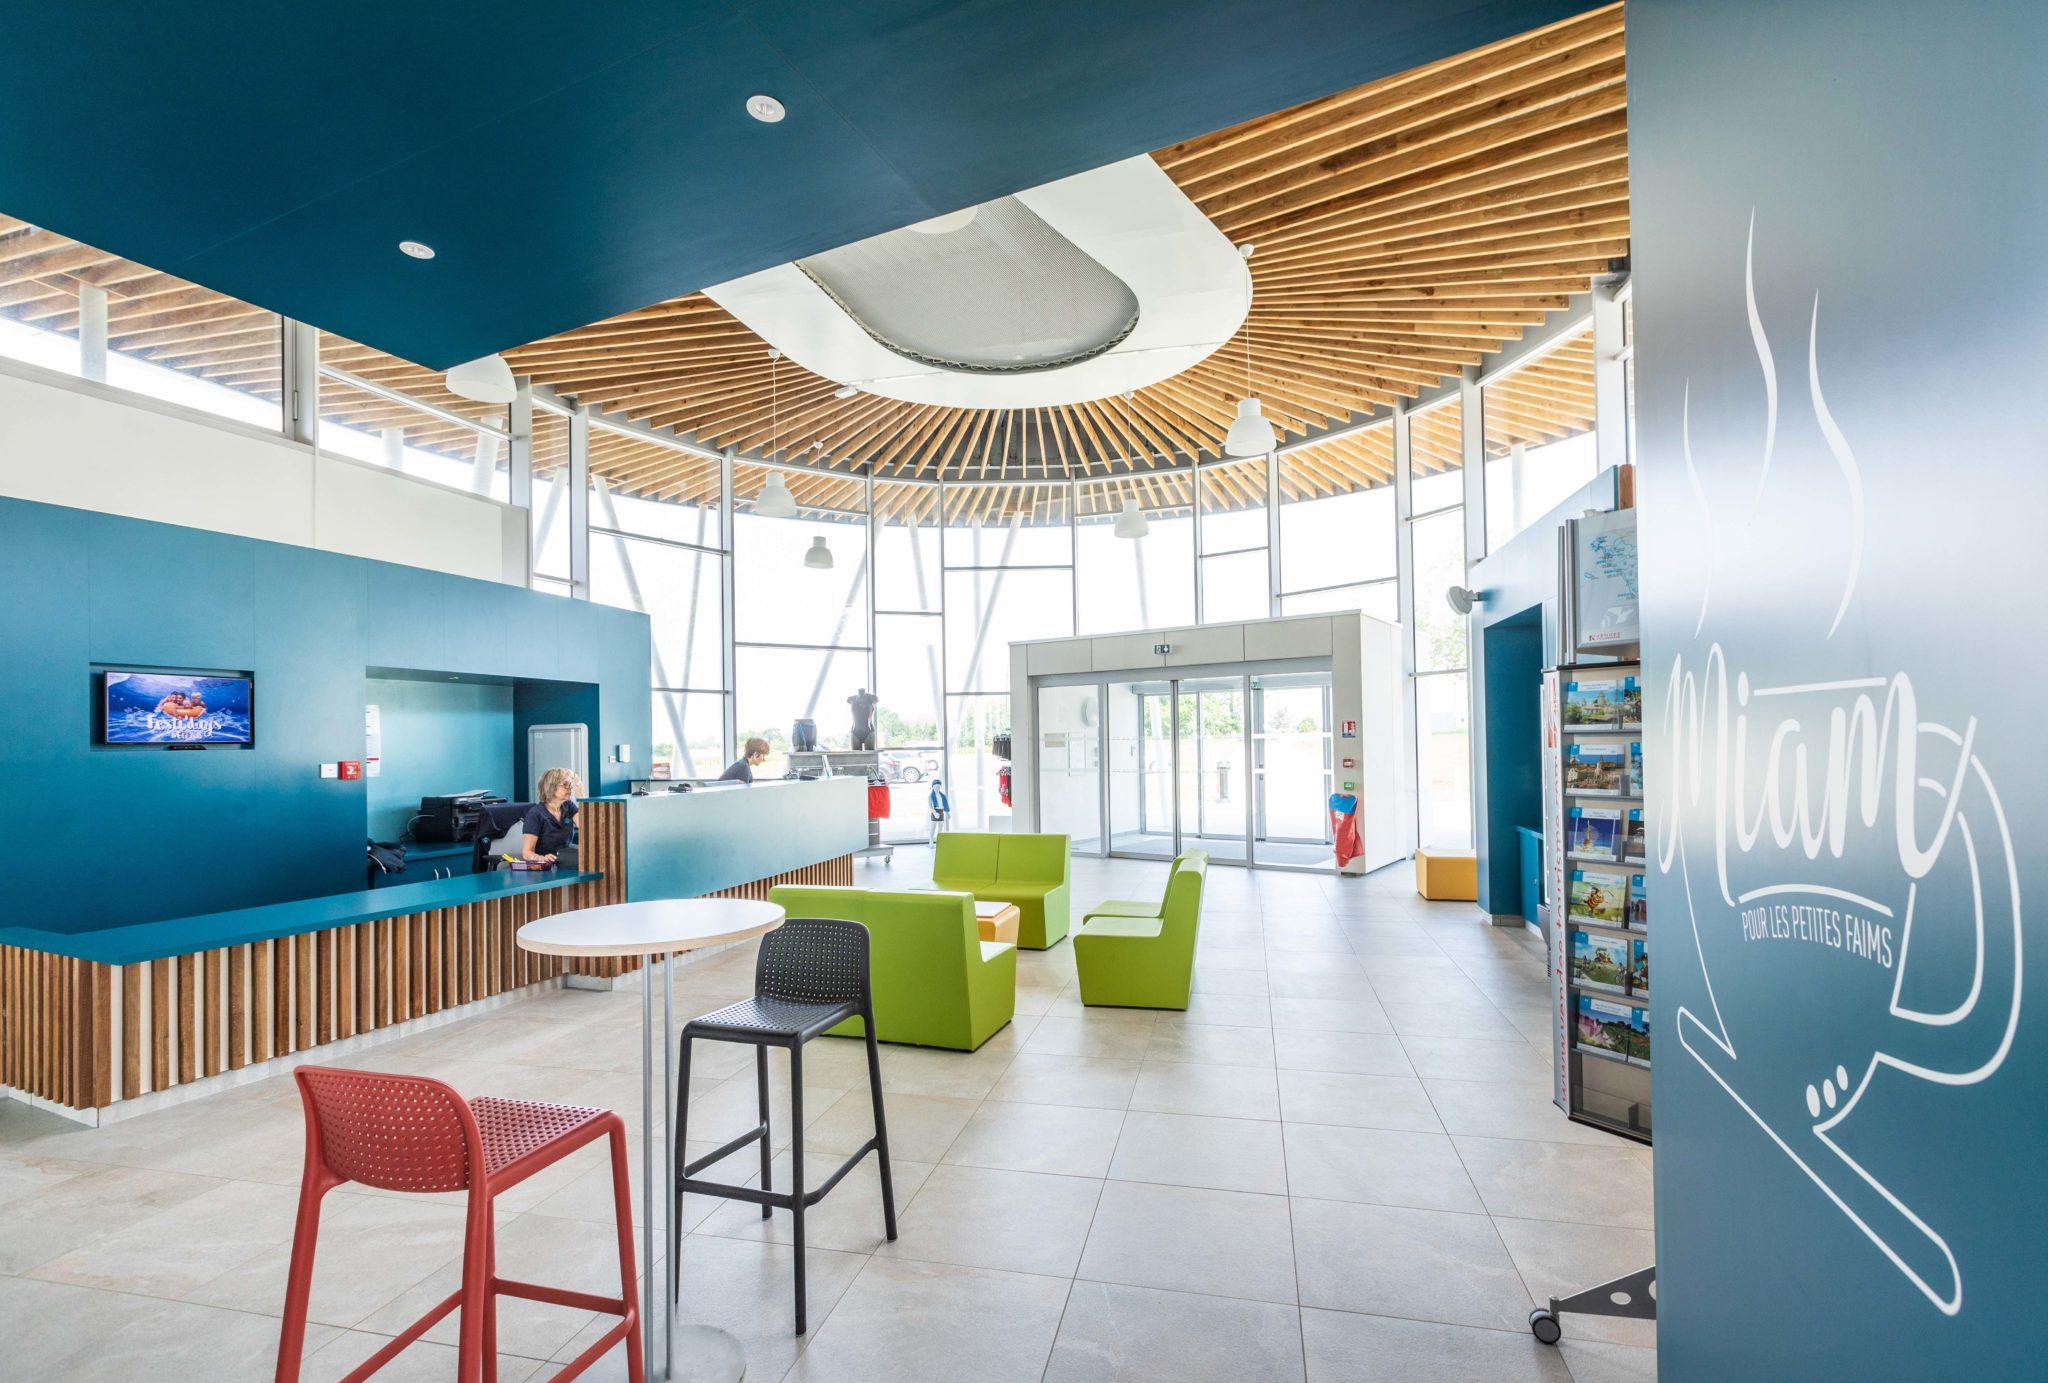 Rmations D'accès - Aqua Bulles Centre Aquatique dedans Piscine Saint Fulgent